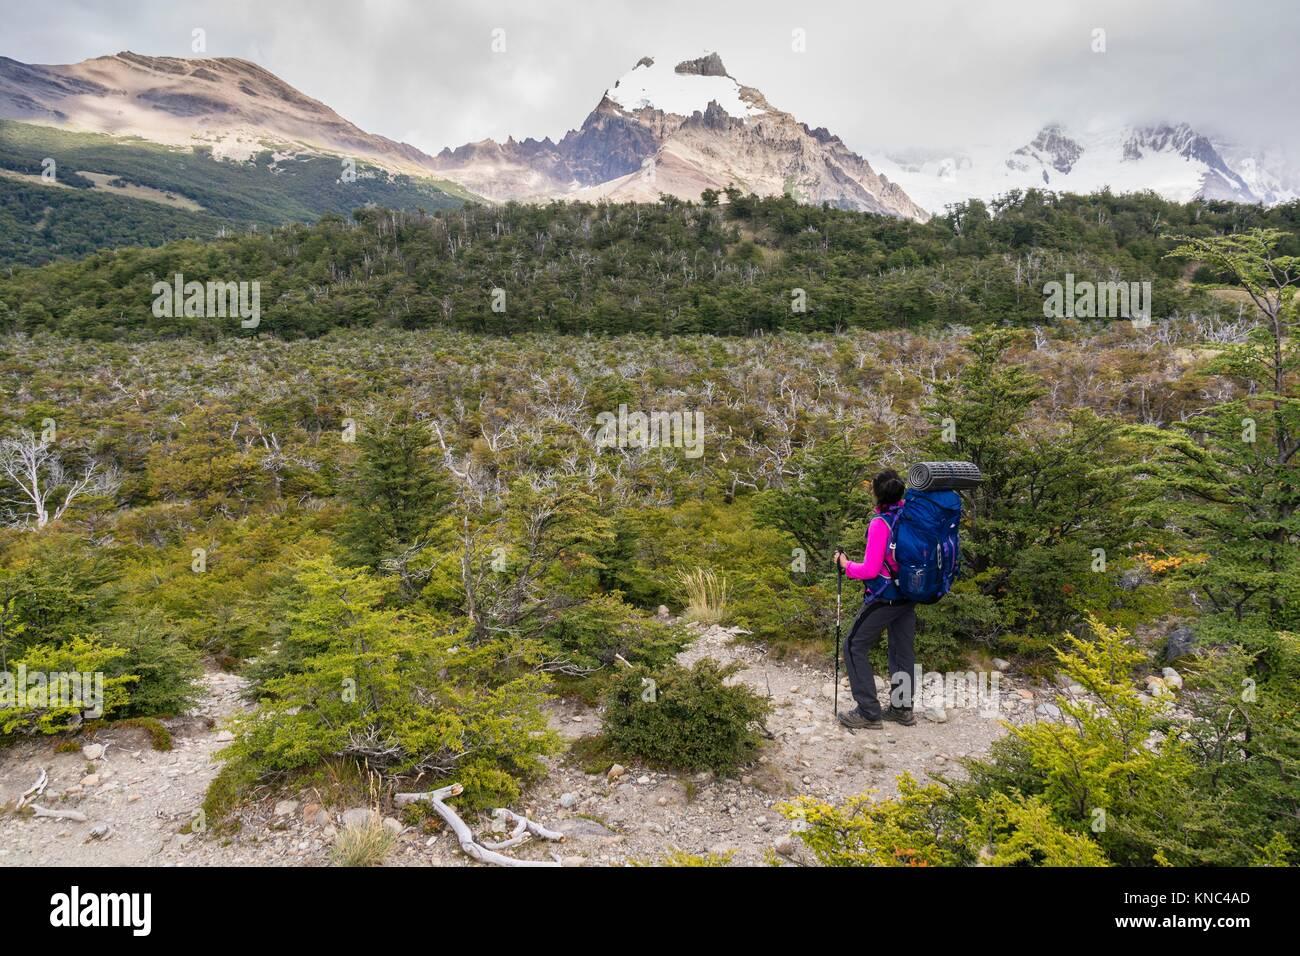 Senda de las lagunas Madre e hija, el parque nacional Los Glaciares, Patagonia, Argentina. Imagen De Stock